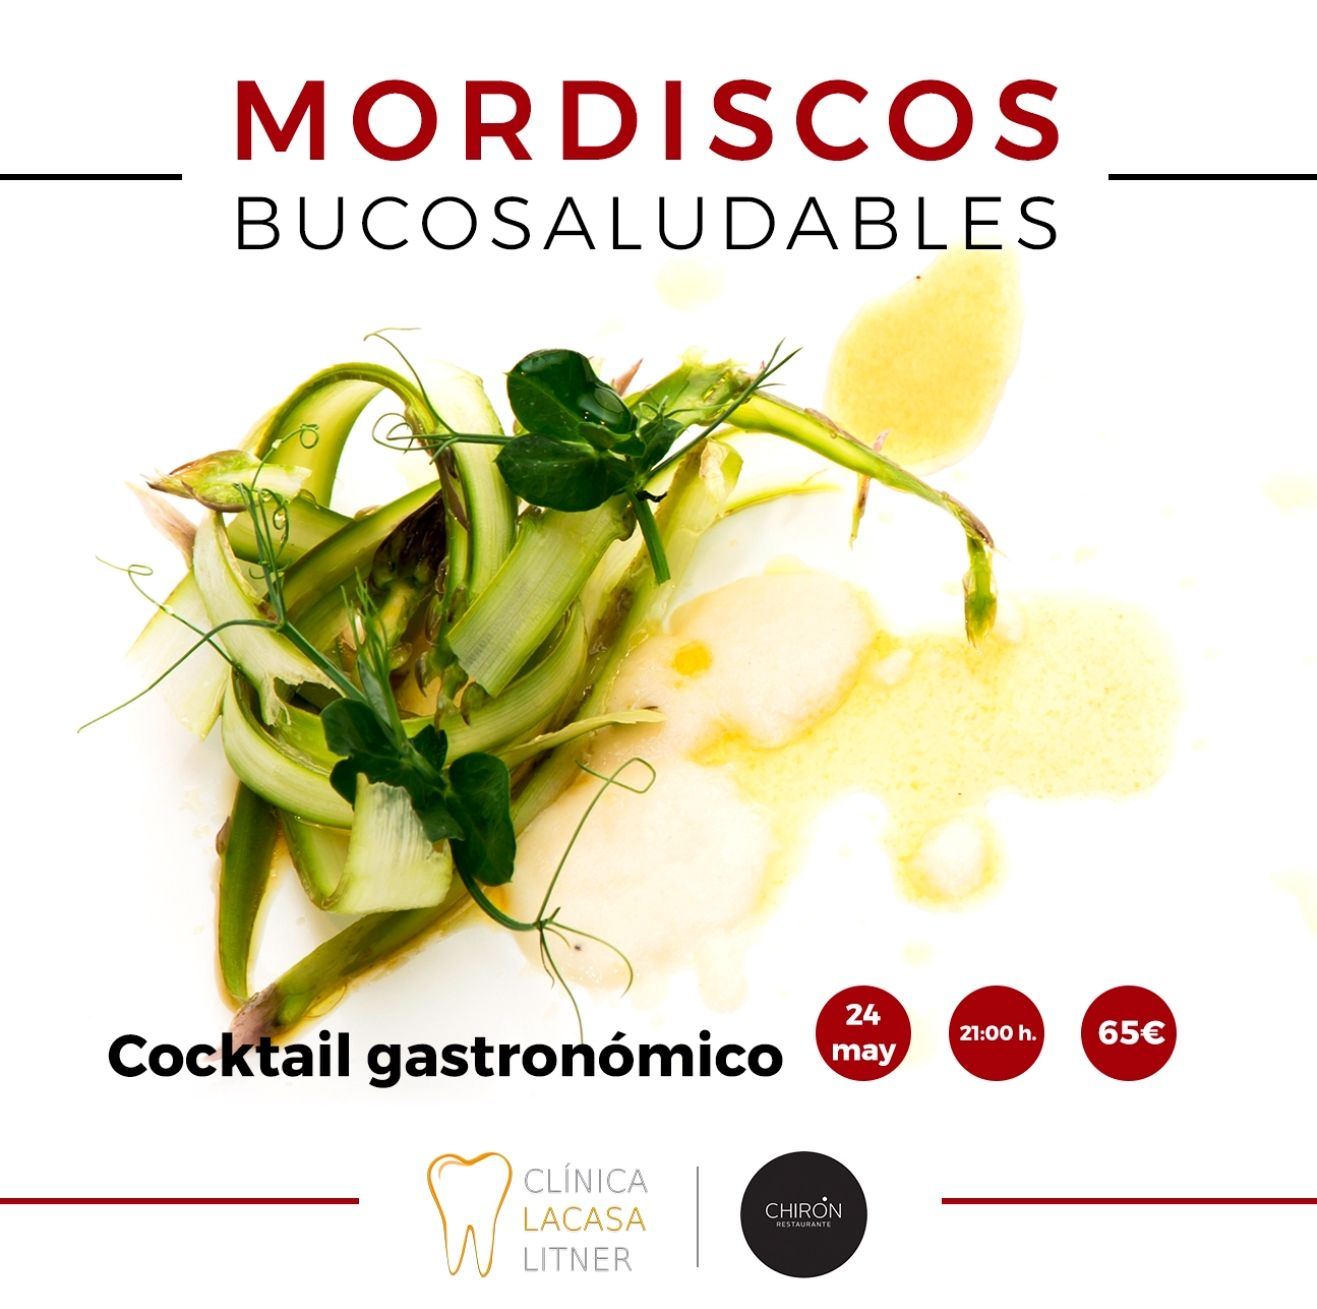 III edición del cóctel gastronómico Mordiscos Bucosaludables